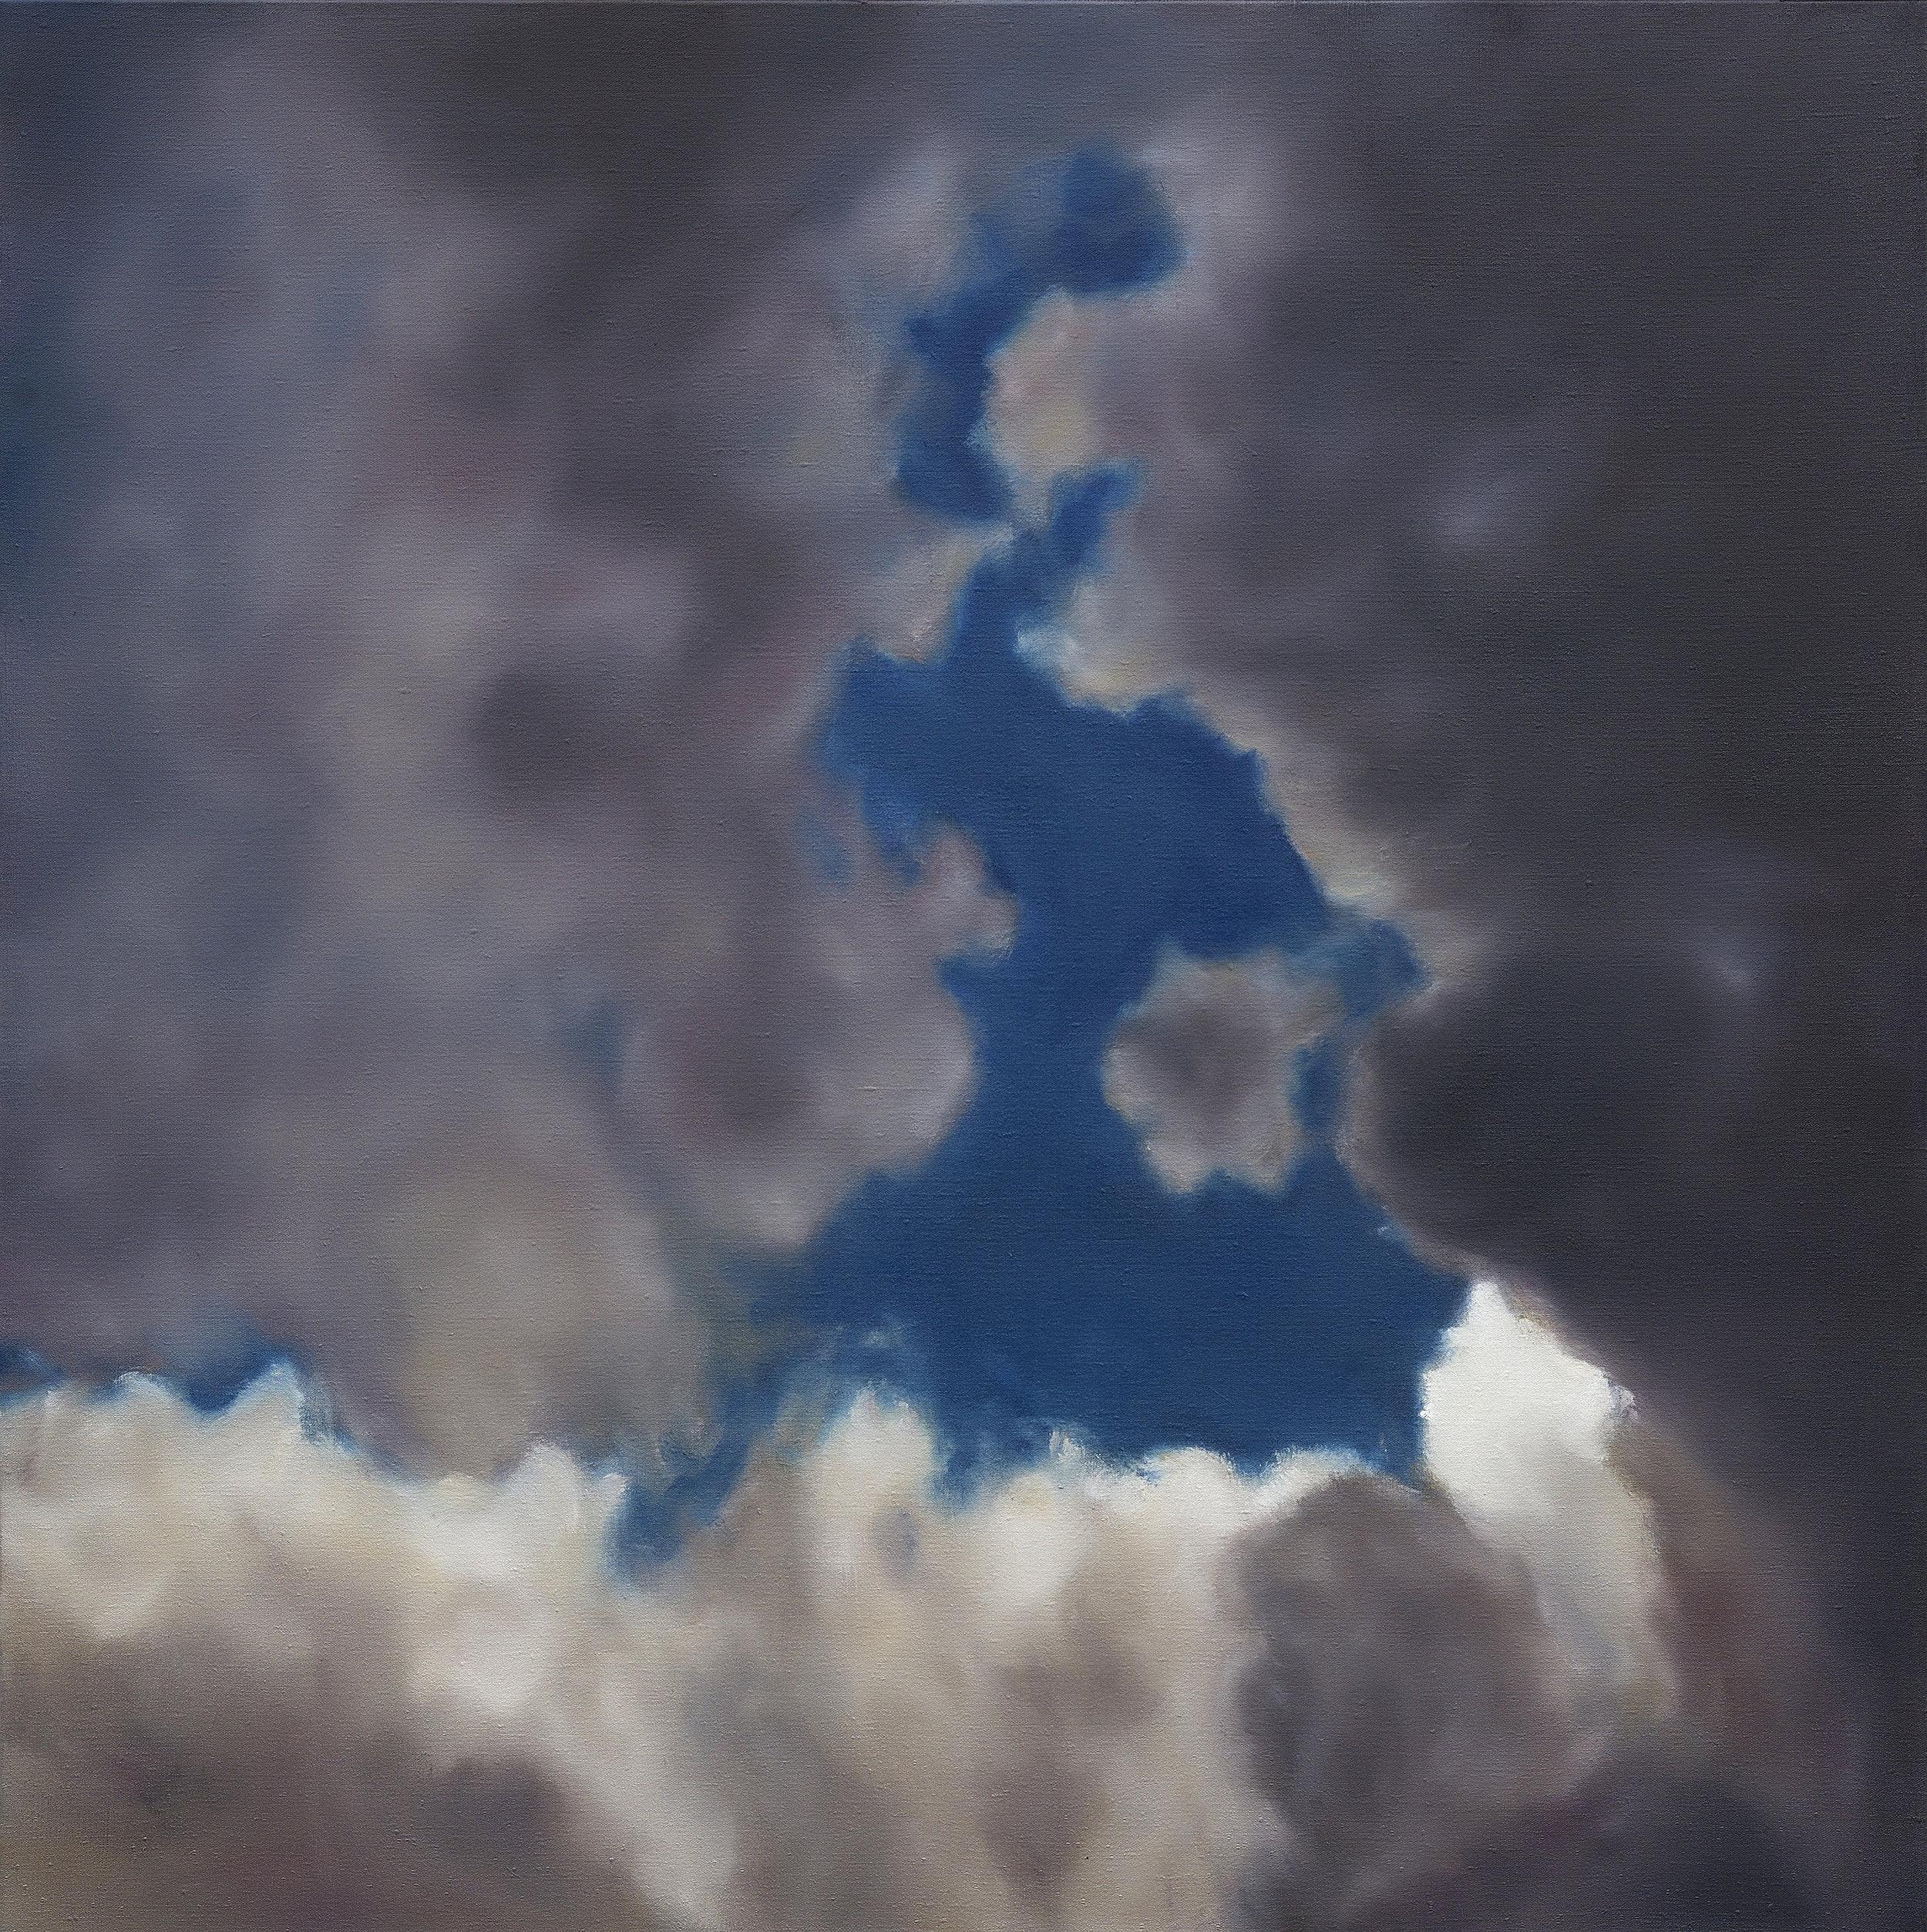 Ether sans Oiseaux 1, 2016  oil on linen,39 x 39 in, 100 x 100 cm